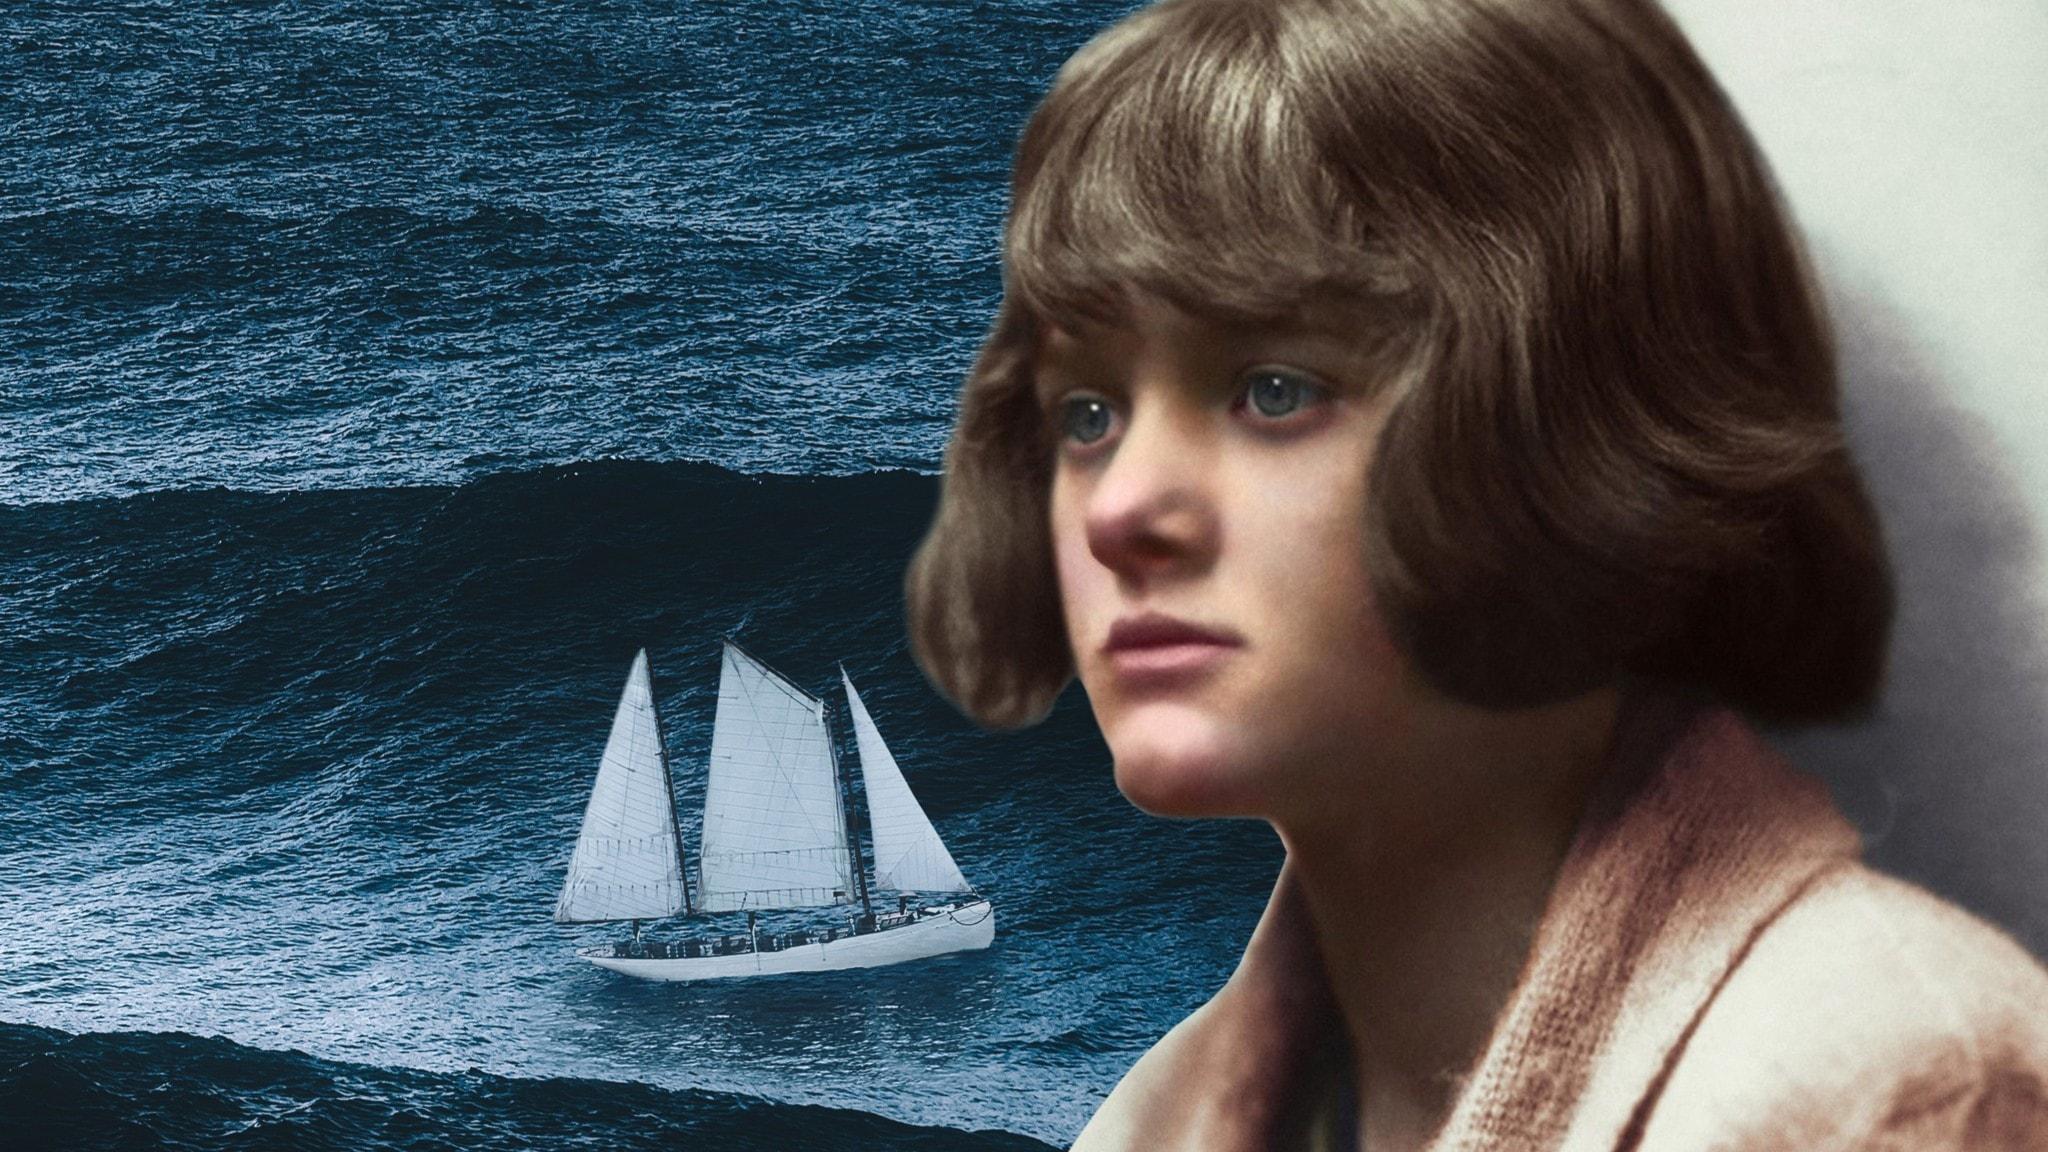 Författaren Daphne du Maurier i ett collage med en bild på ett hav och en segelbåt